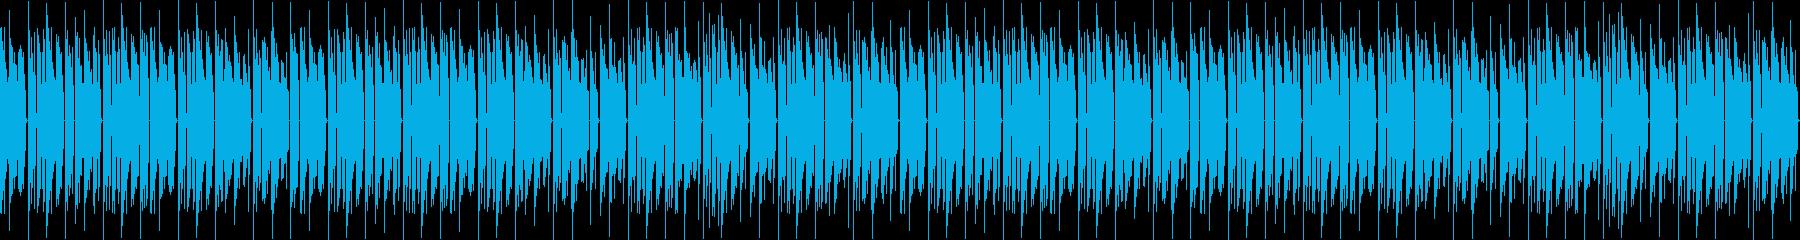 レトロ、ゲーム、ピコピコ、軽快、ループ1の再生済みの波形